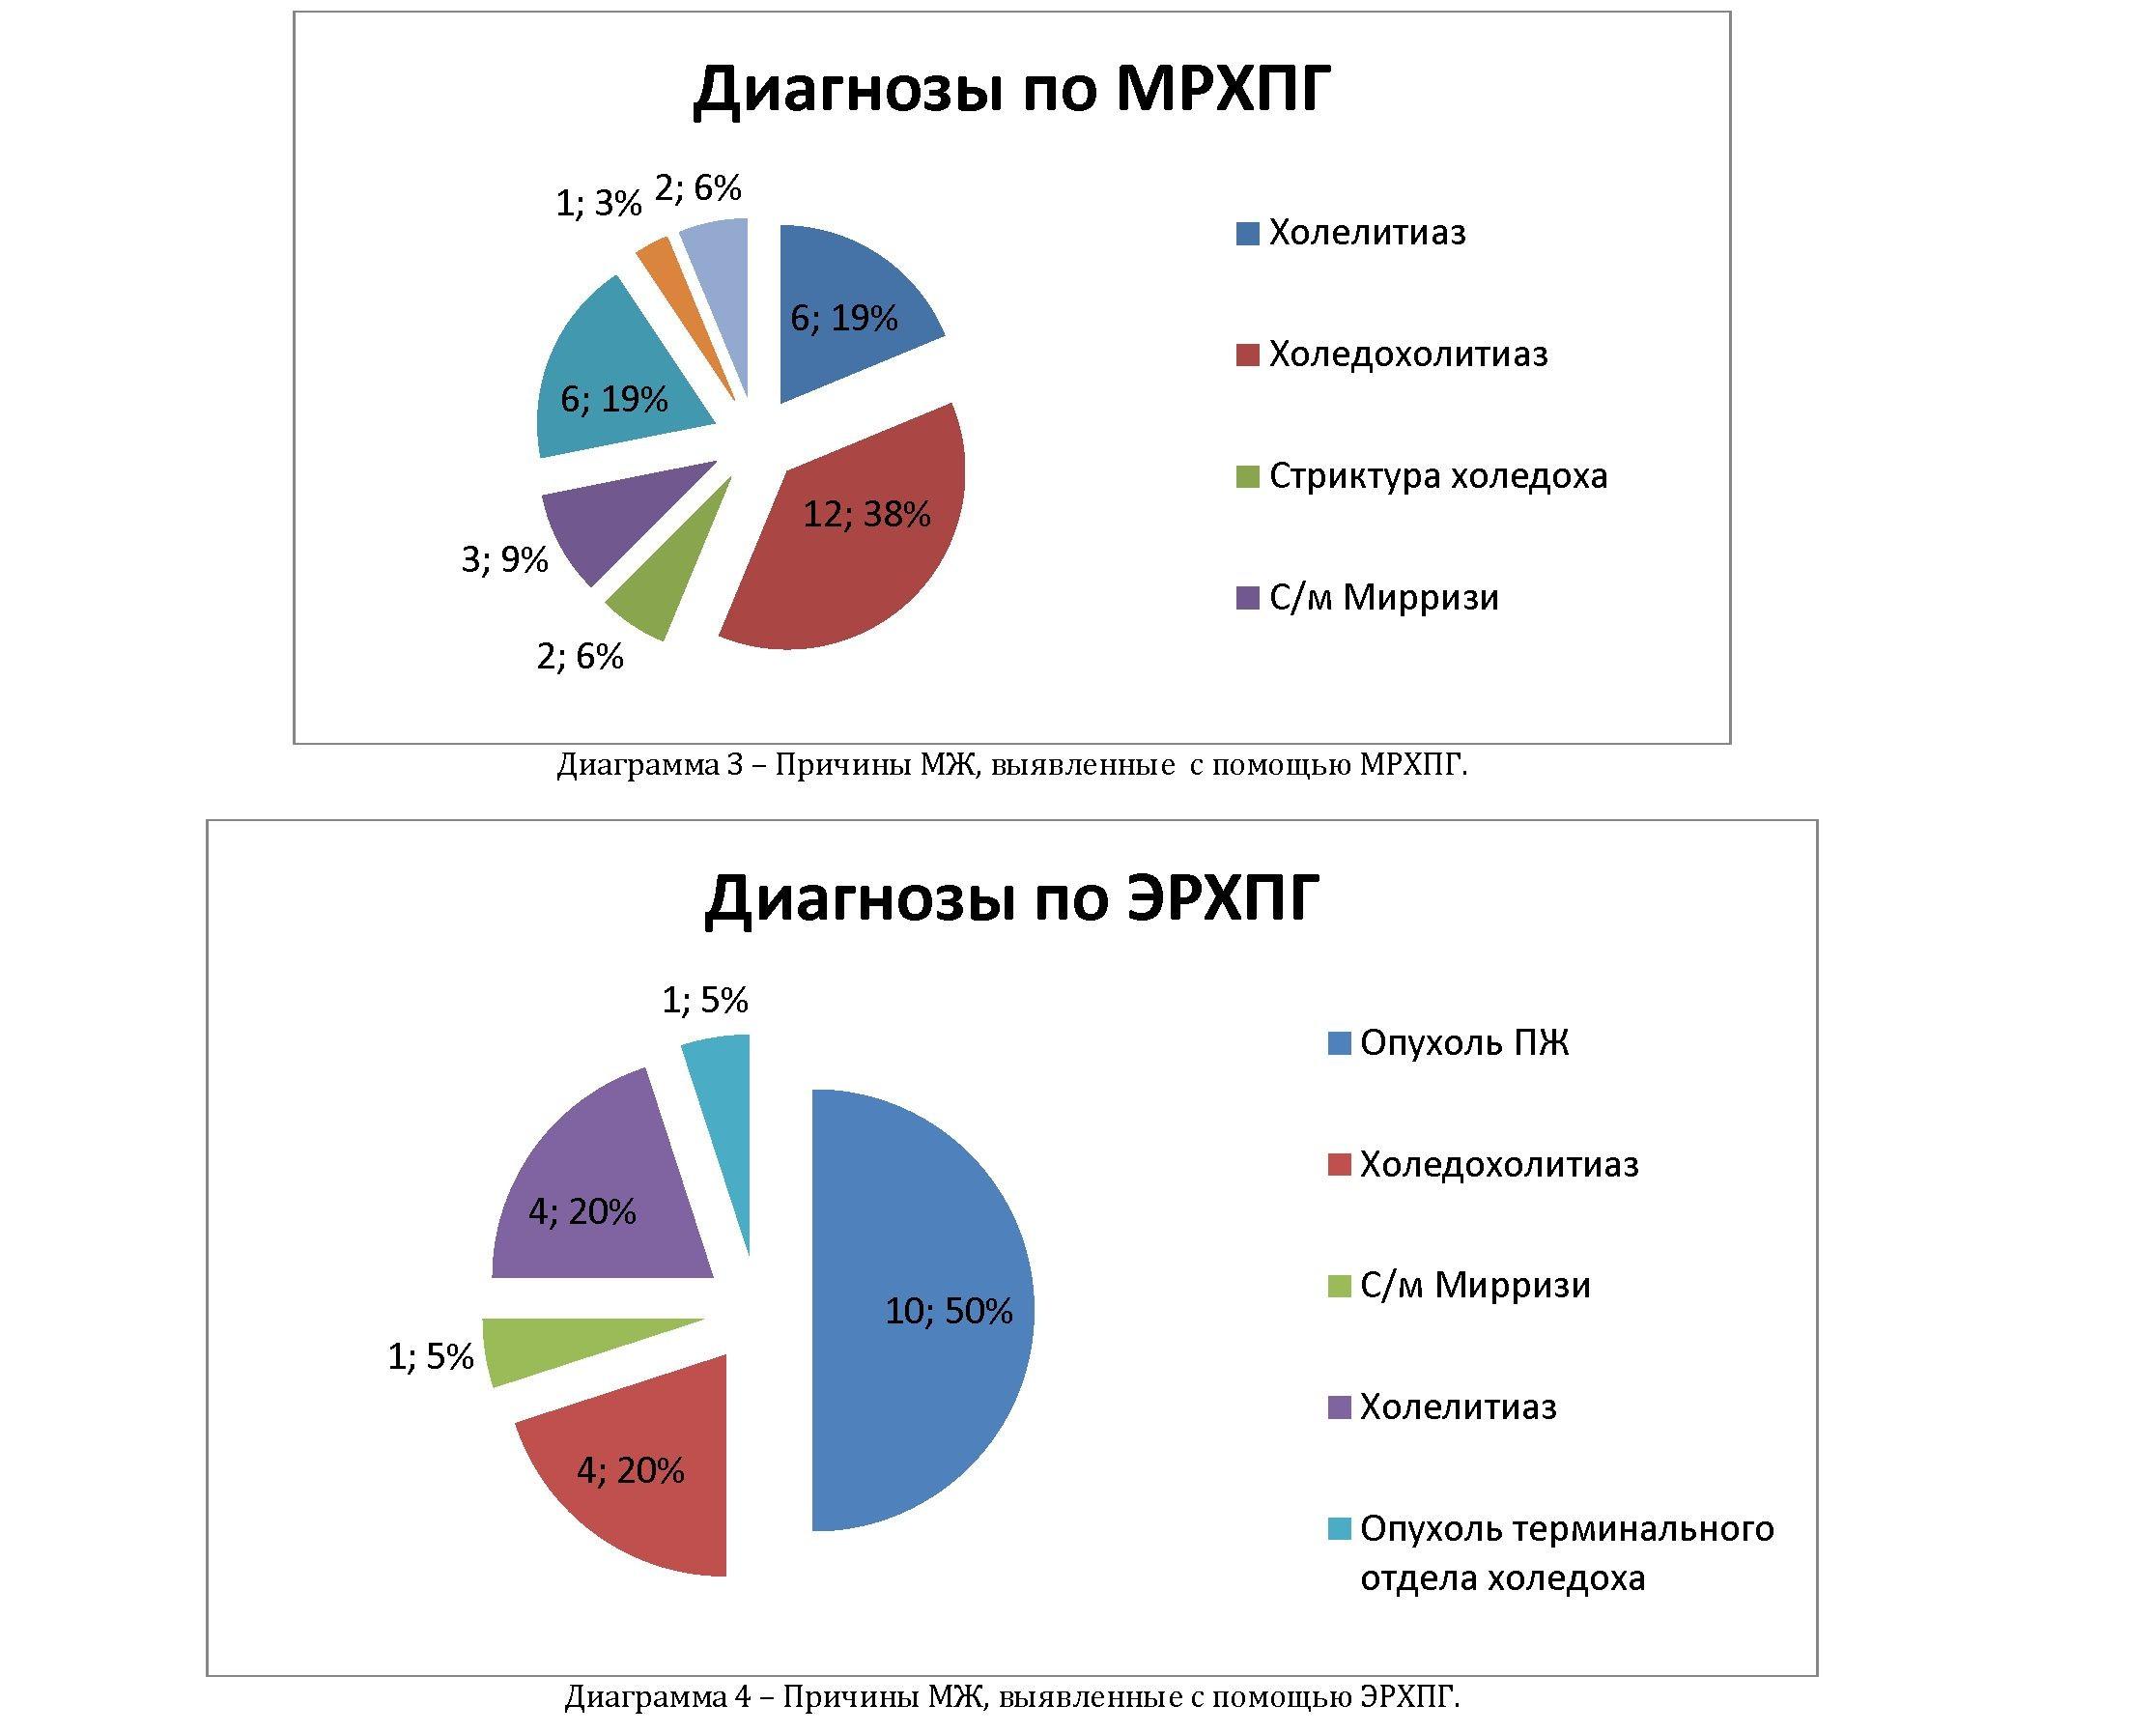 Ретроградная холангиопанкреатография в клинике «медицина 24/7»